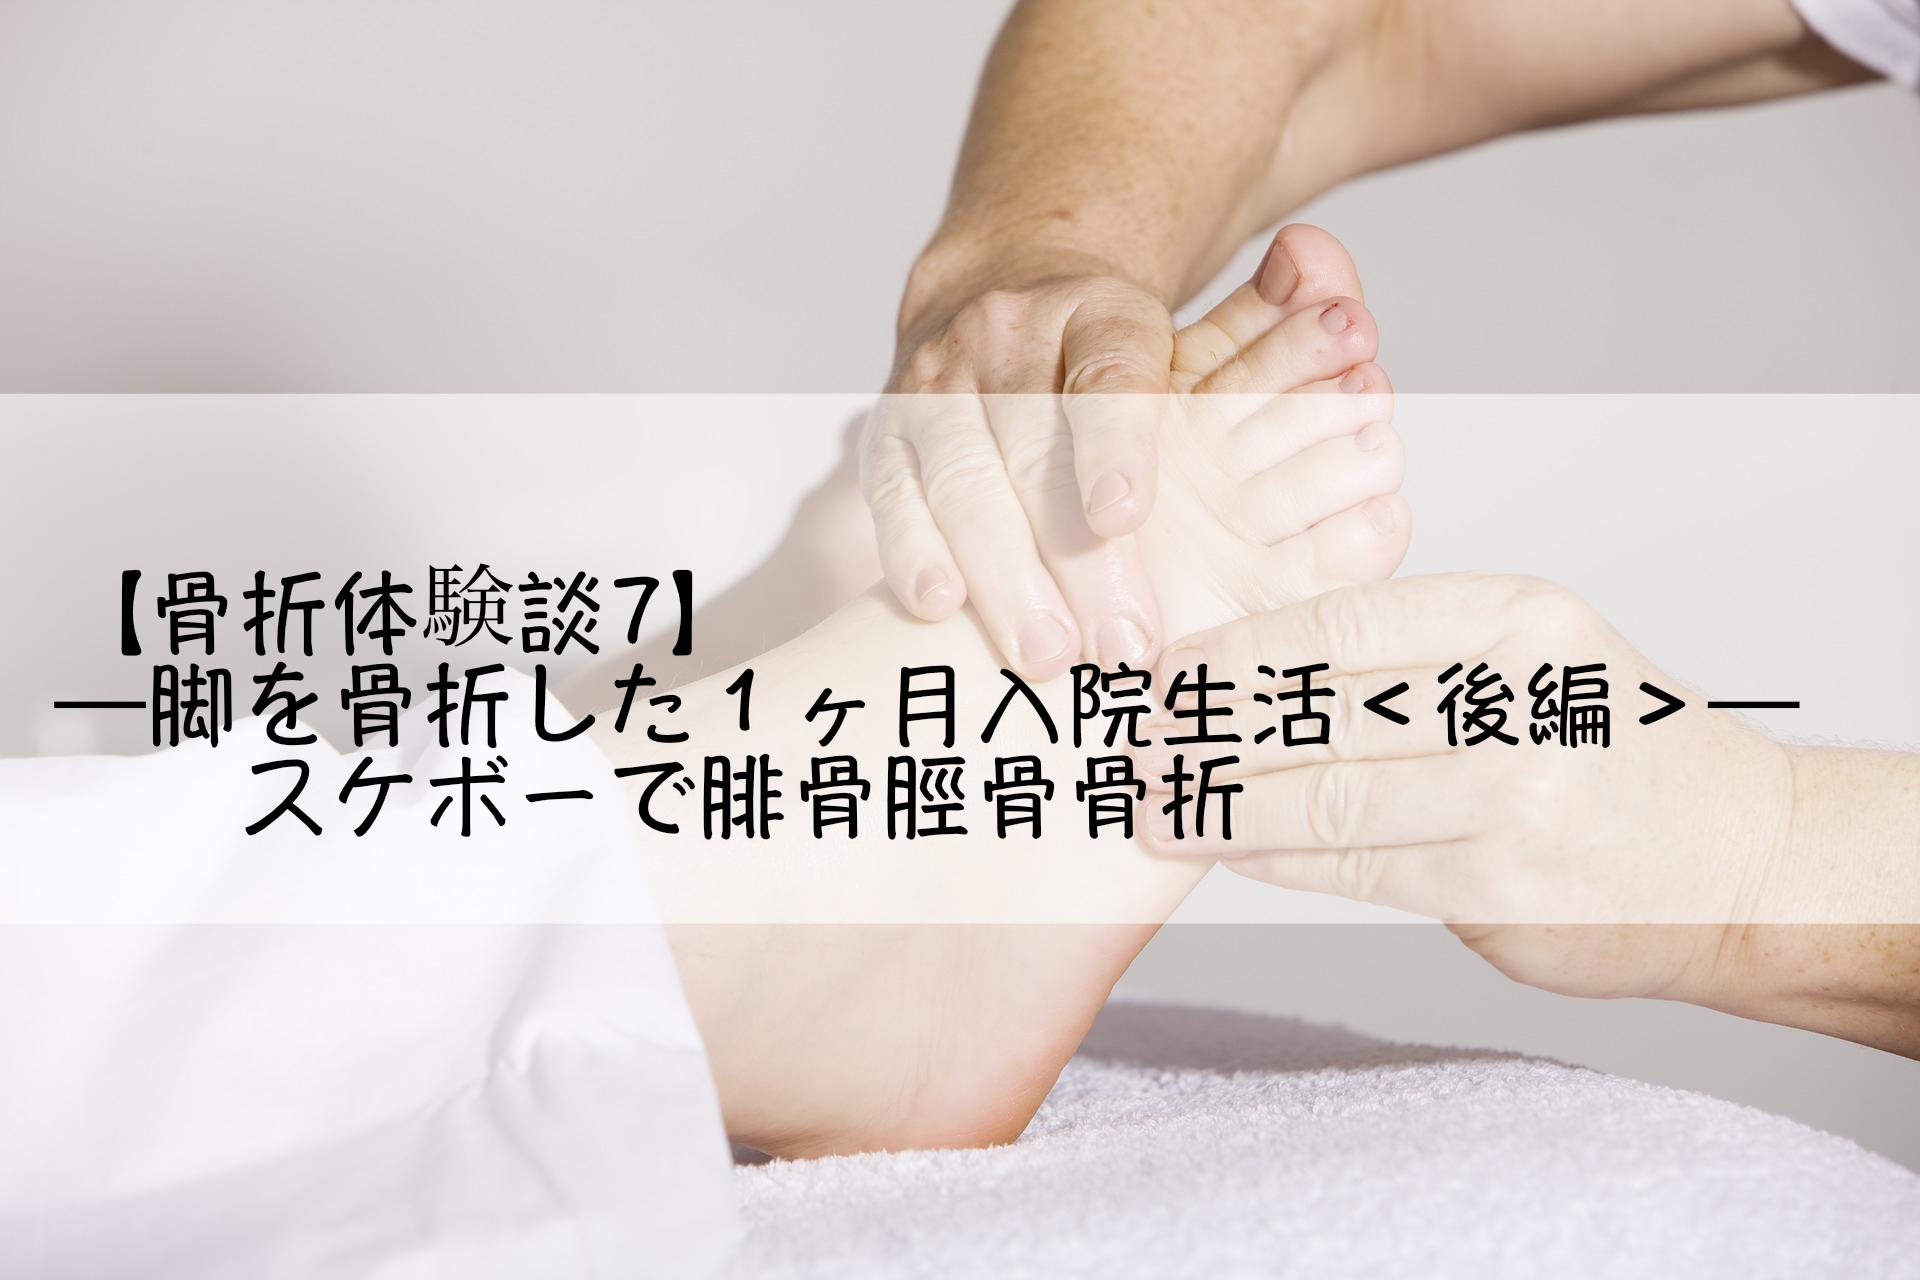 【骨折体験談7】─脚を骨折した1ヶ月入院生活<後編>─スケボーで腓骨脛骨骨折